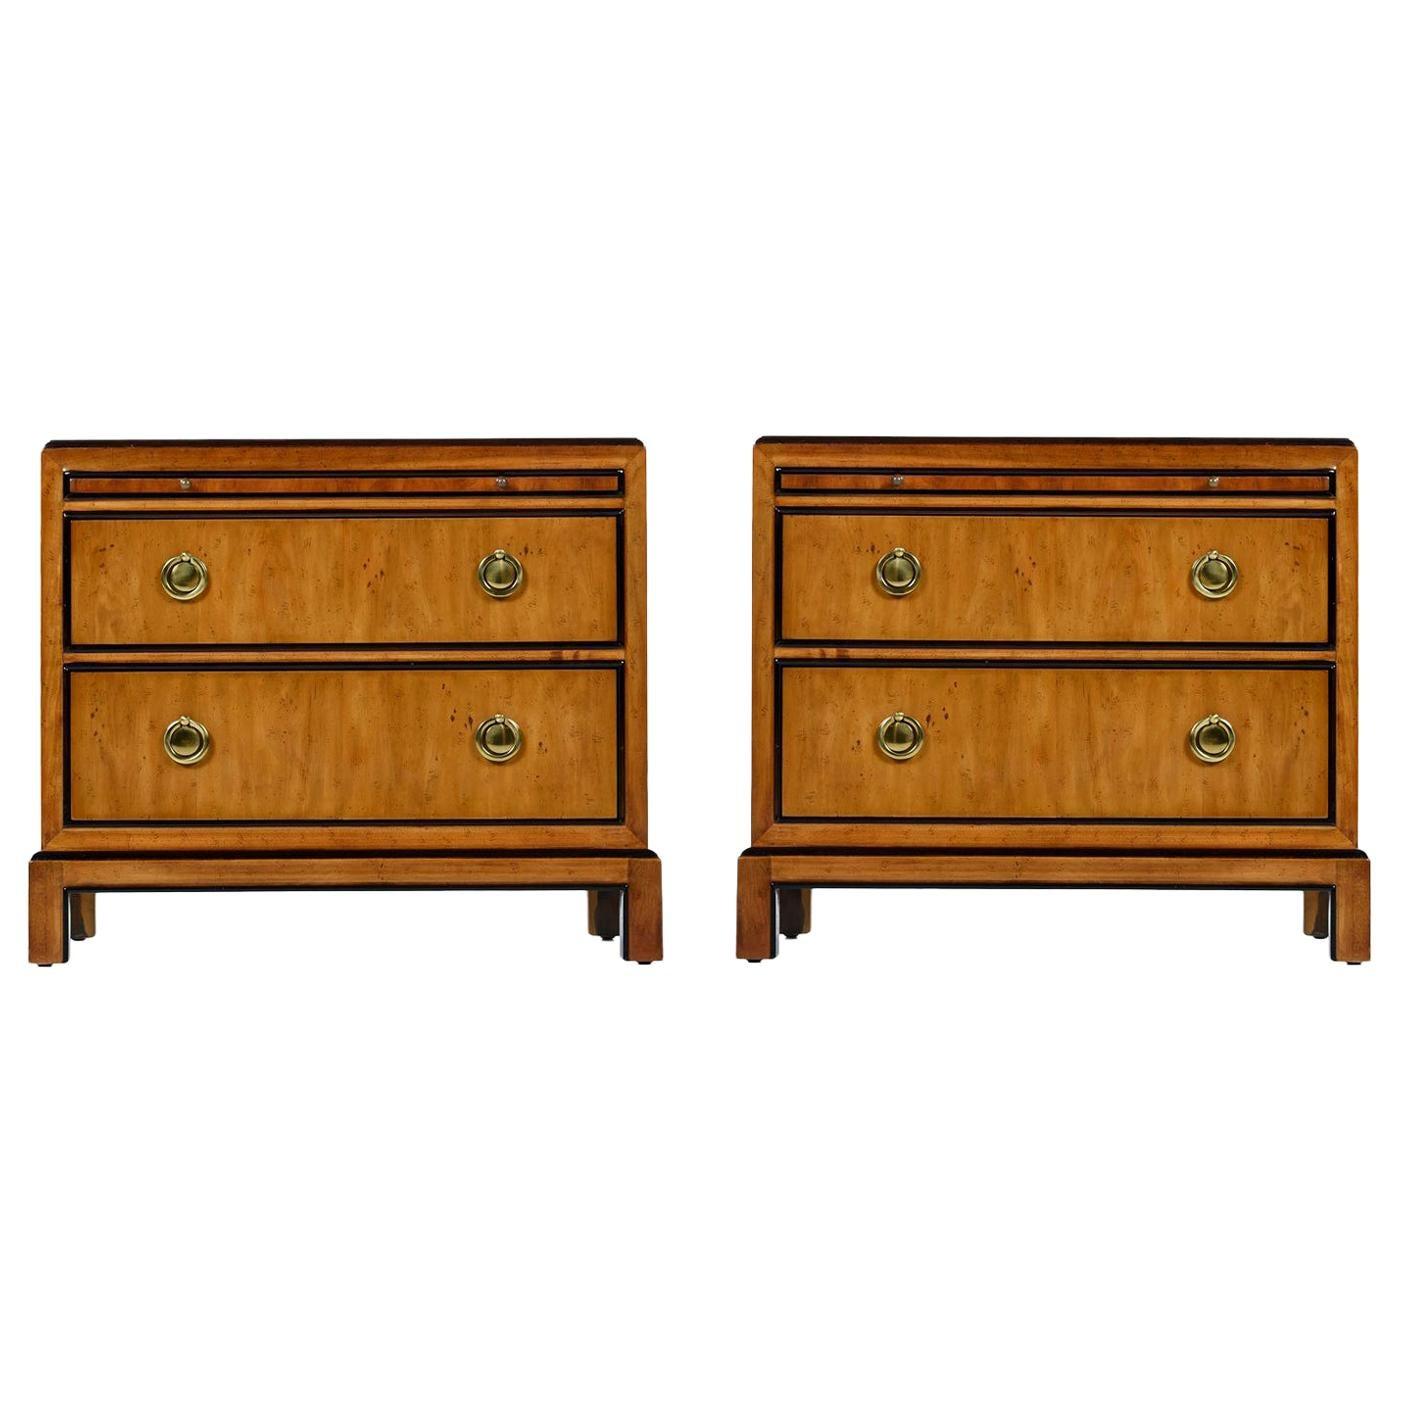 burl bedroom furniture 112 for sale at 1stdibs rh 1stdibs com